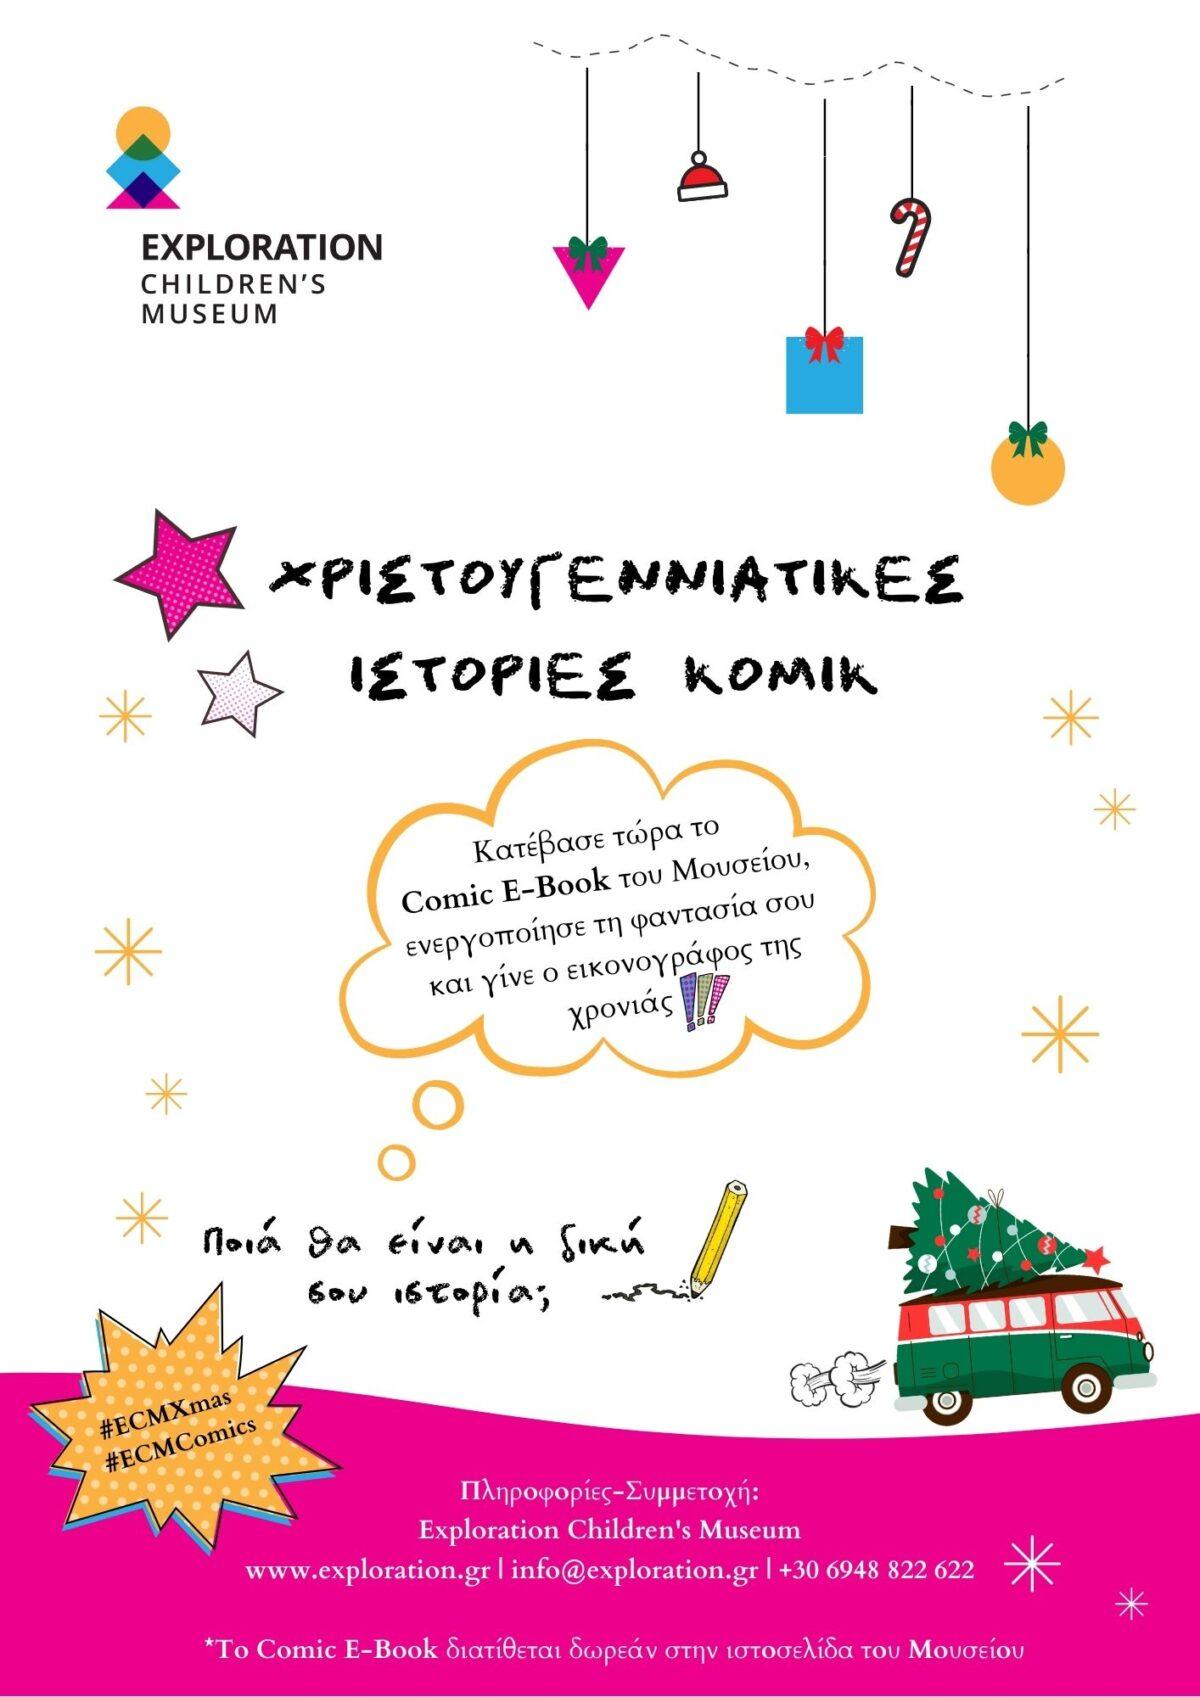 Παιδικό Μουσείο Exploration | Χριστουγεννιάτικες Ιστορίες Κόμικ